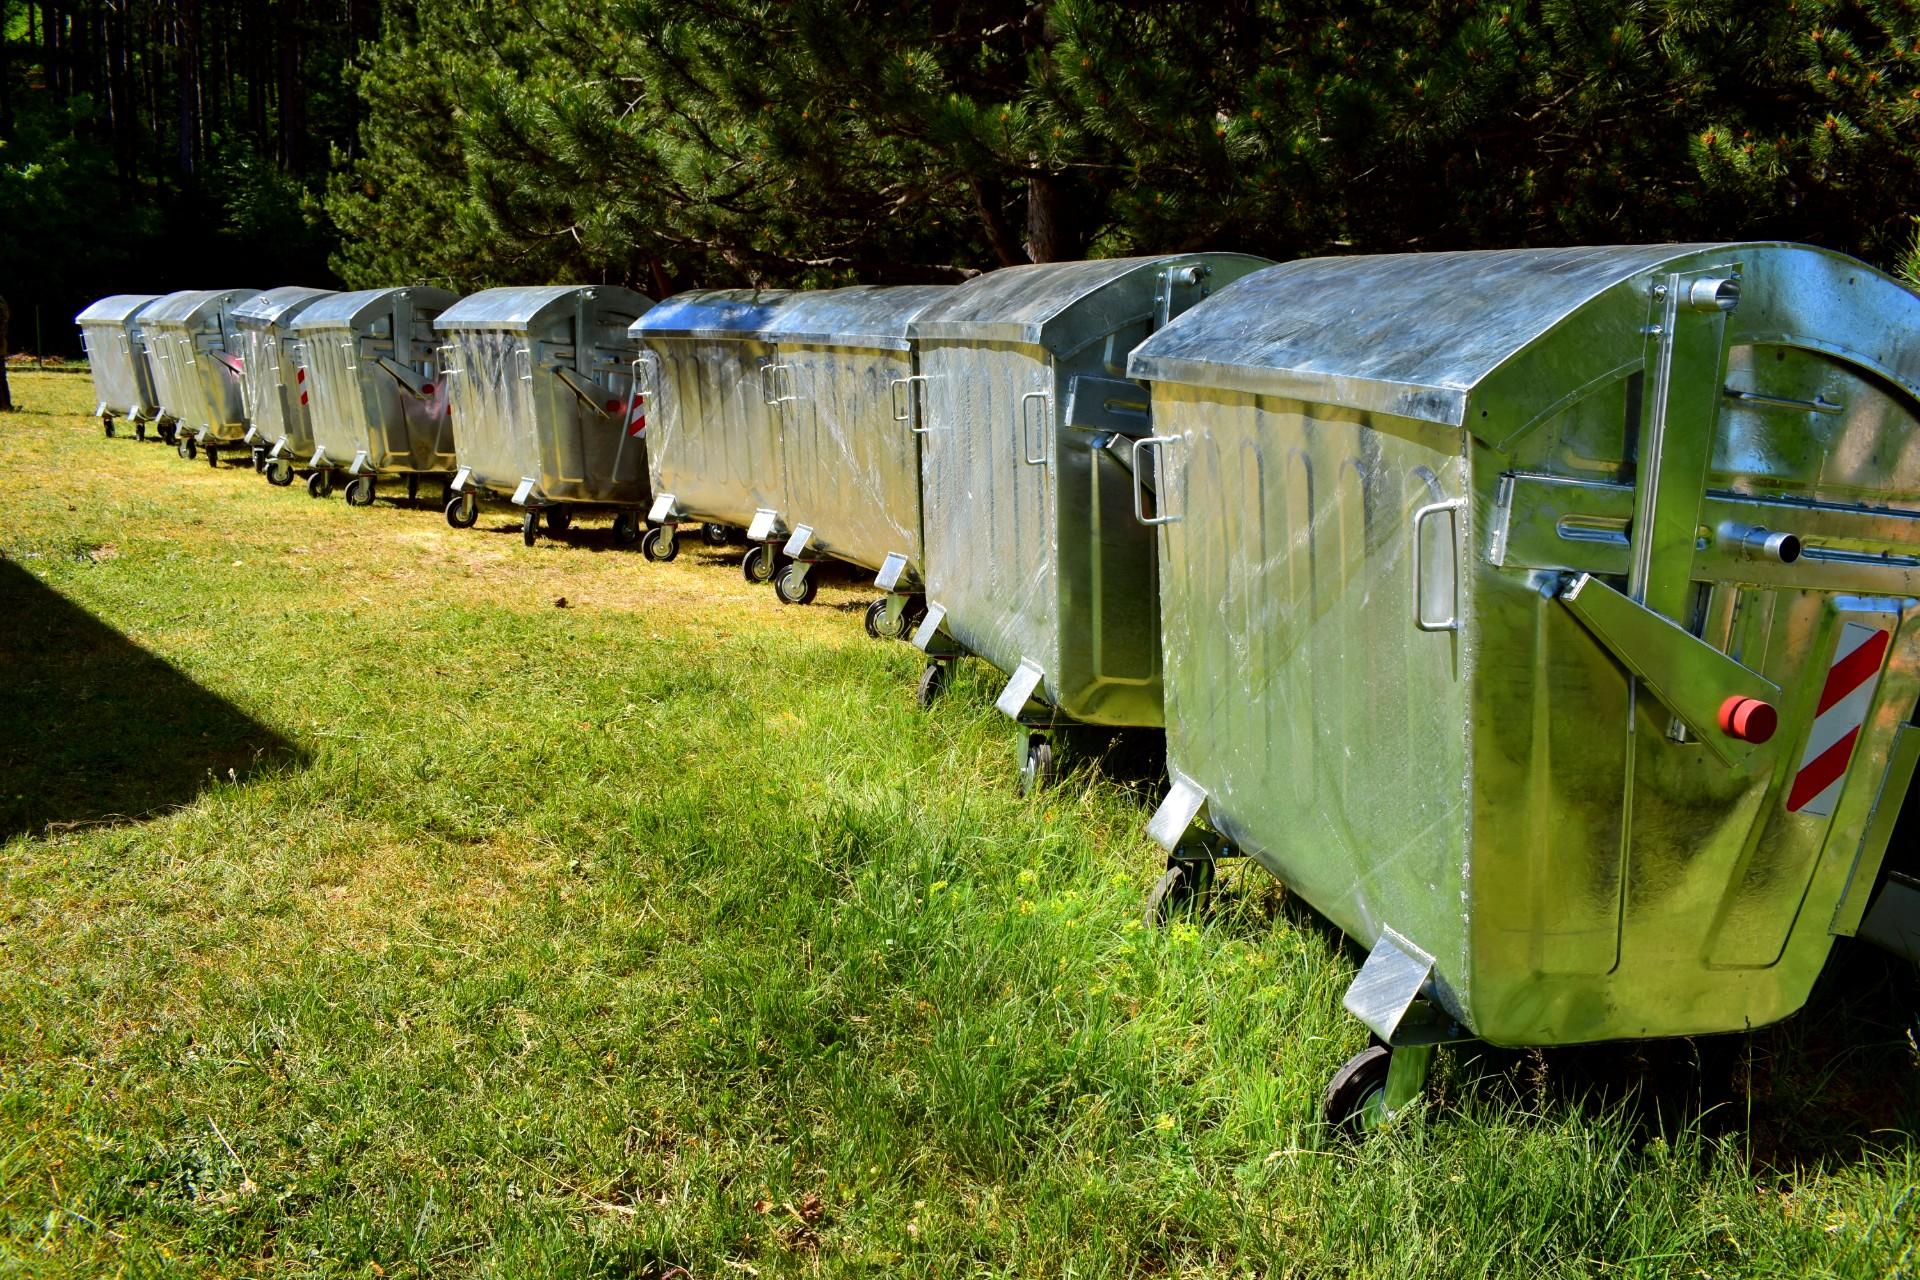 Ќе се прават платформи за контејнери, се уредува просторот околу локациите за фрлање отпад